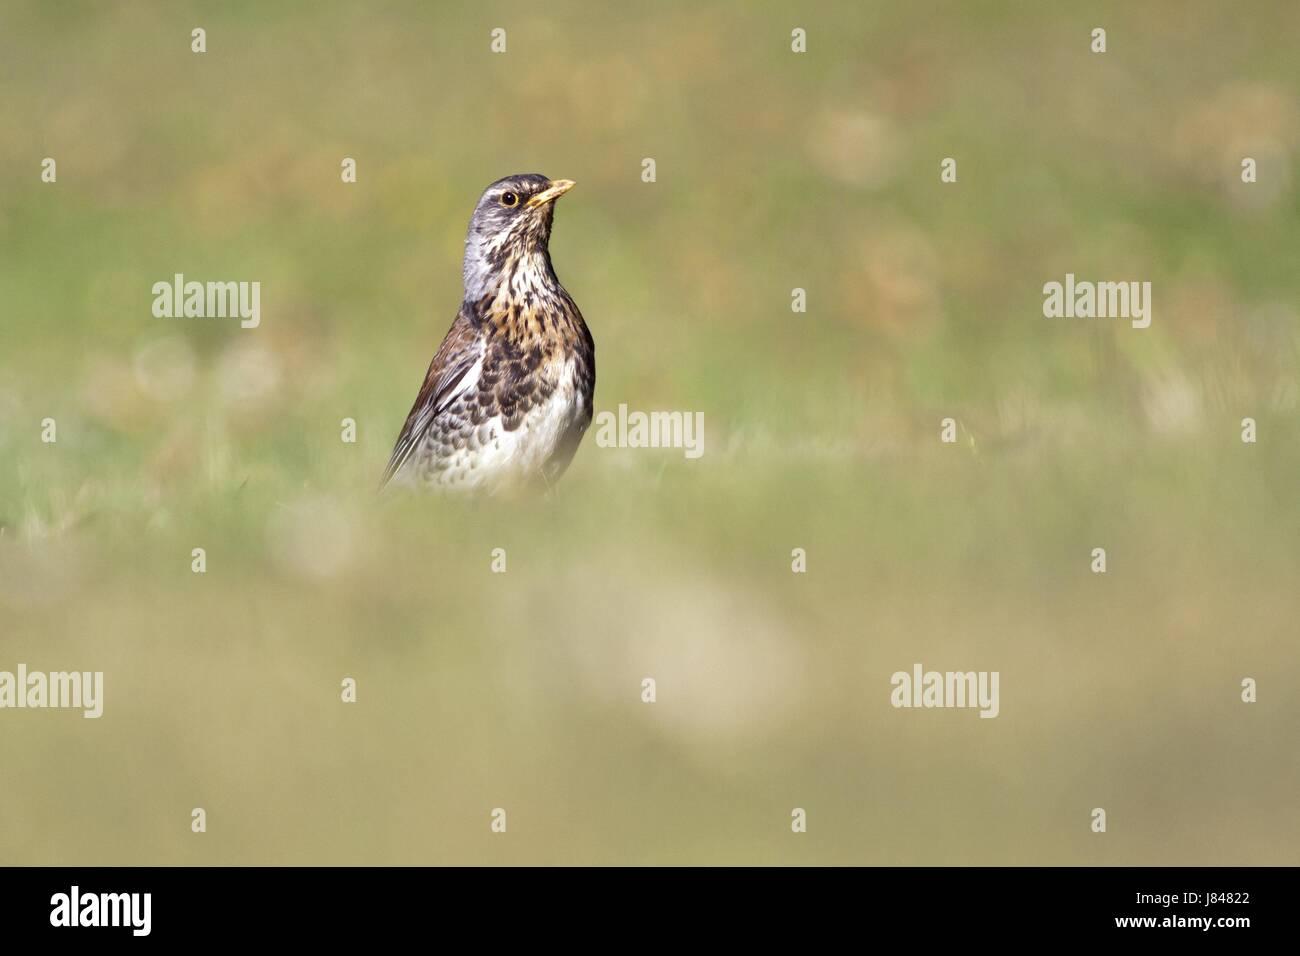 El canto de los pájaros aves-bird bobolinks animales aves aves migratorias mariposa Foto de stock